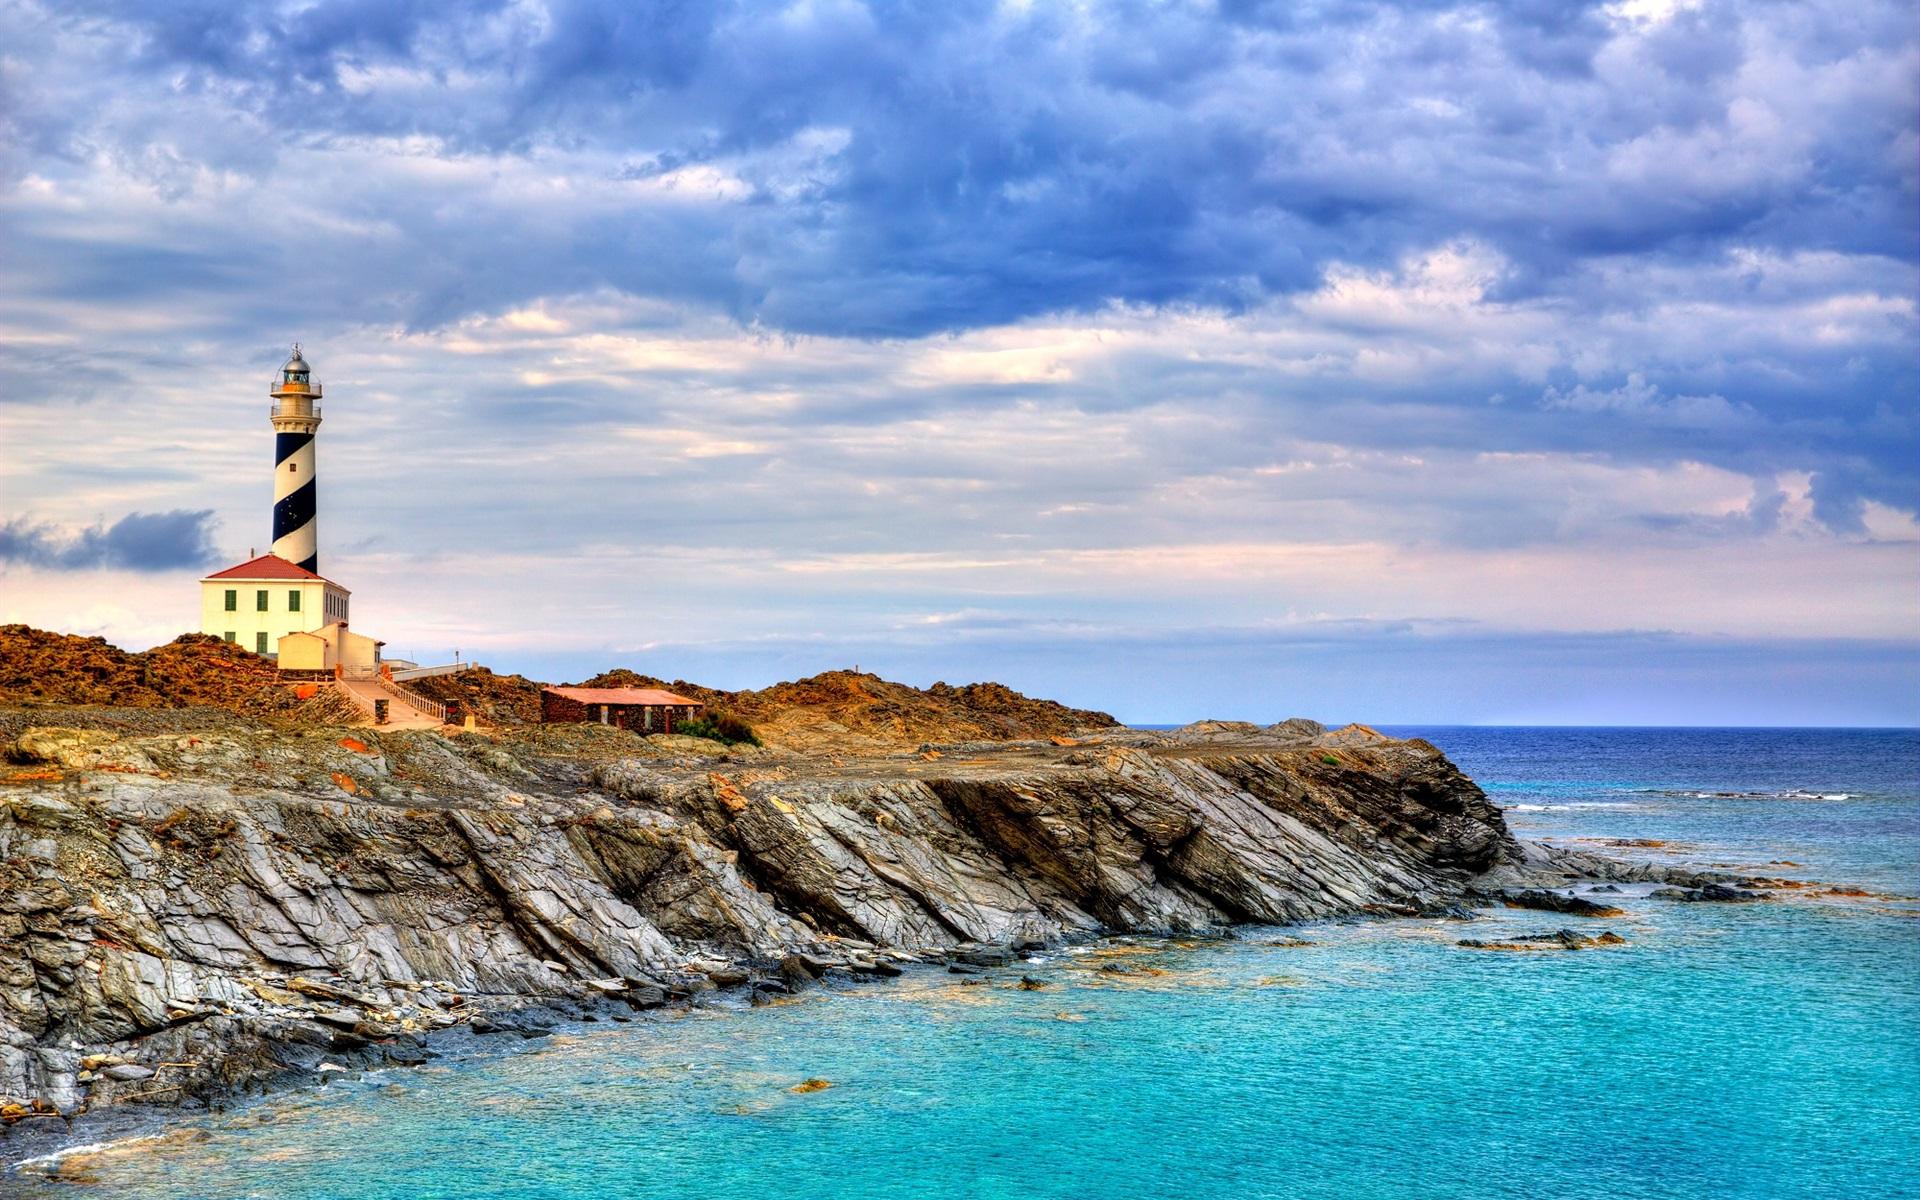 Alquiler de yates en Menorca. Alquiler de barcos en Menorca. Barcos baratos de alquiler. Alquiler de superyates en Menorca